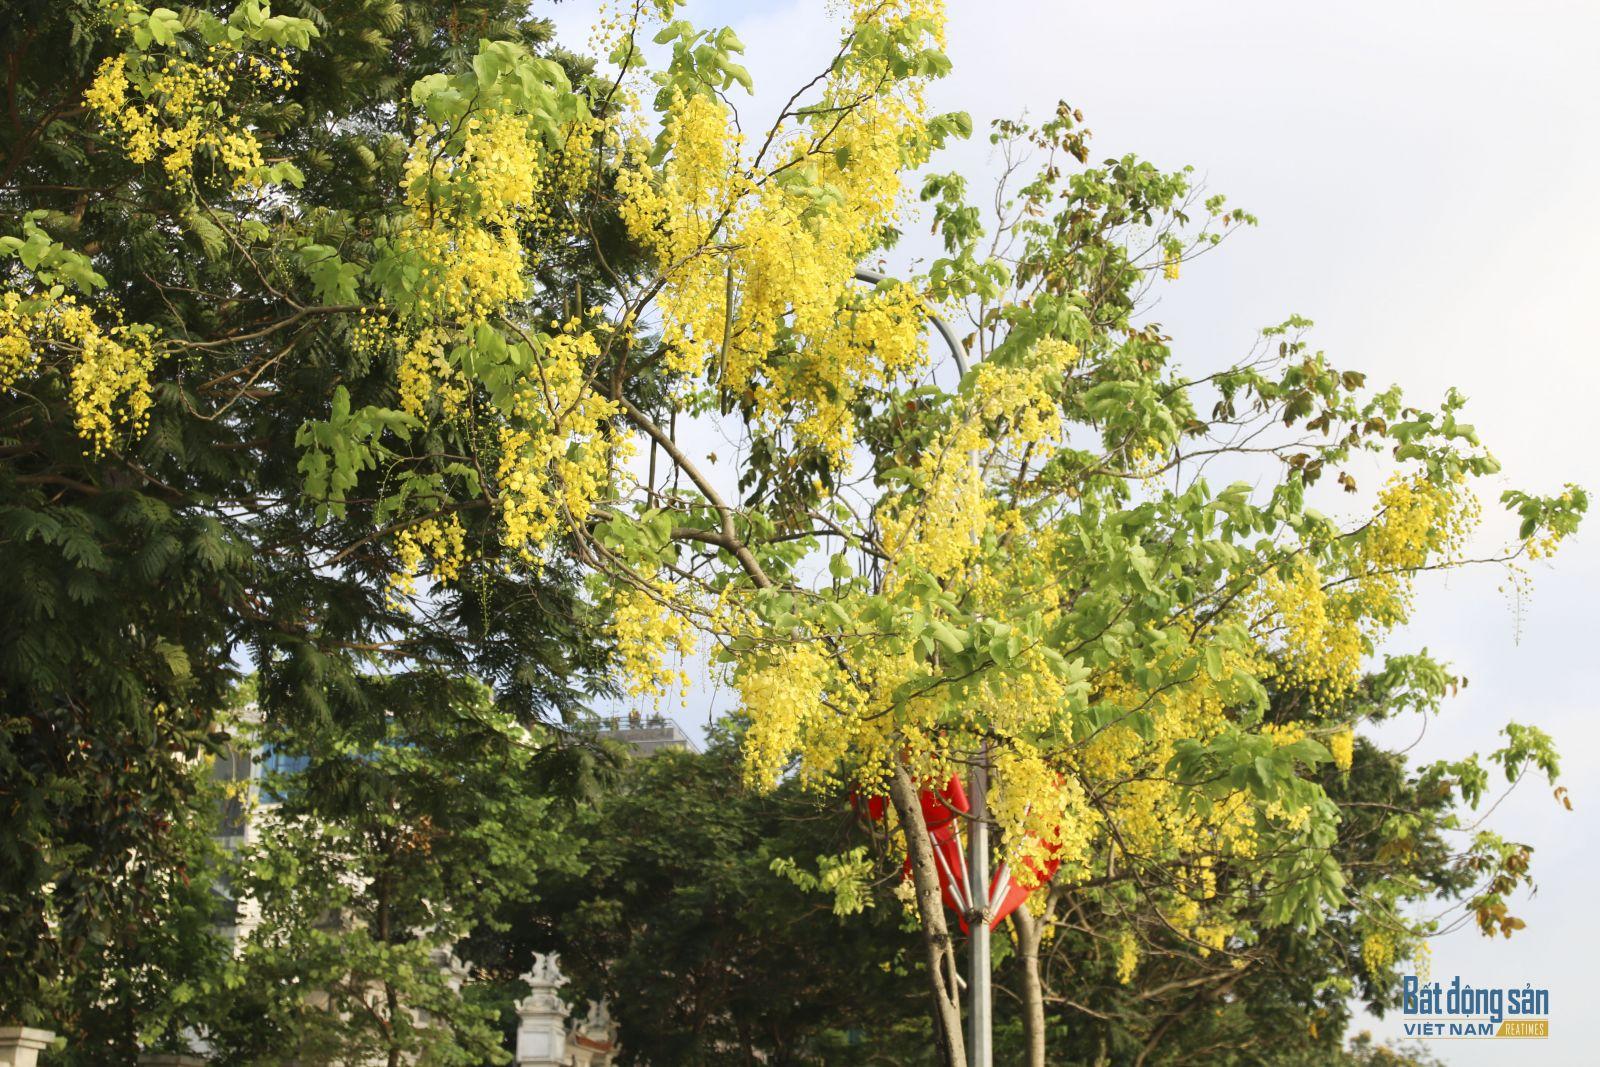 Ở Hà Nội, Muồng hoàng yến thường kéo dài trong khoảng 2 tháng, từ tháng 5 đến tháng 7